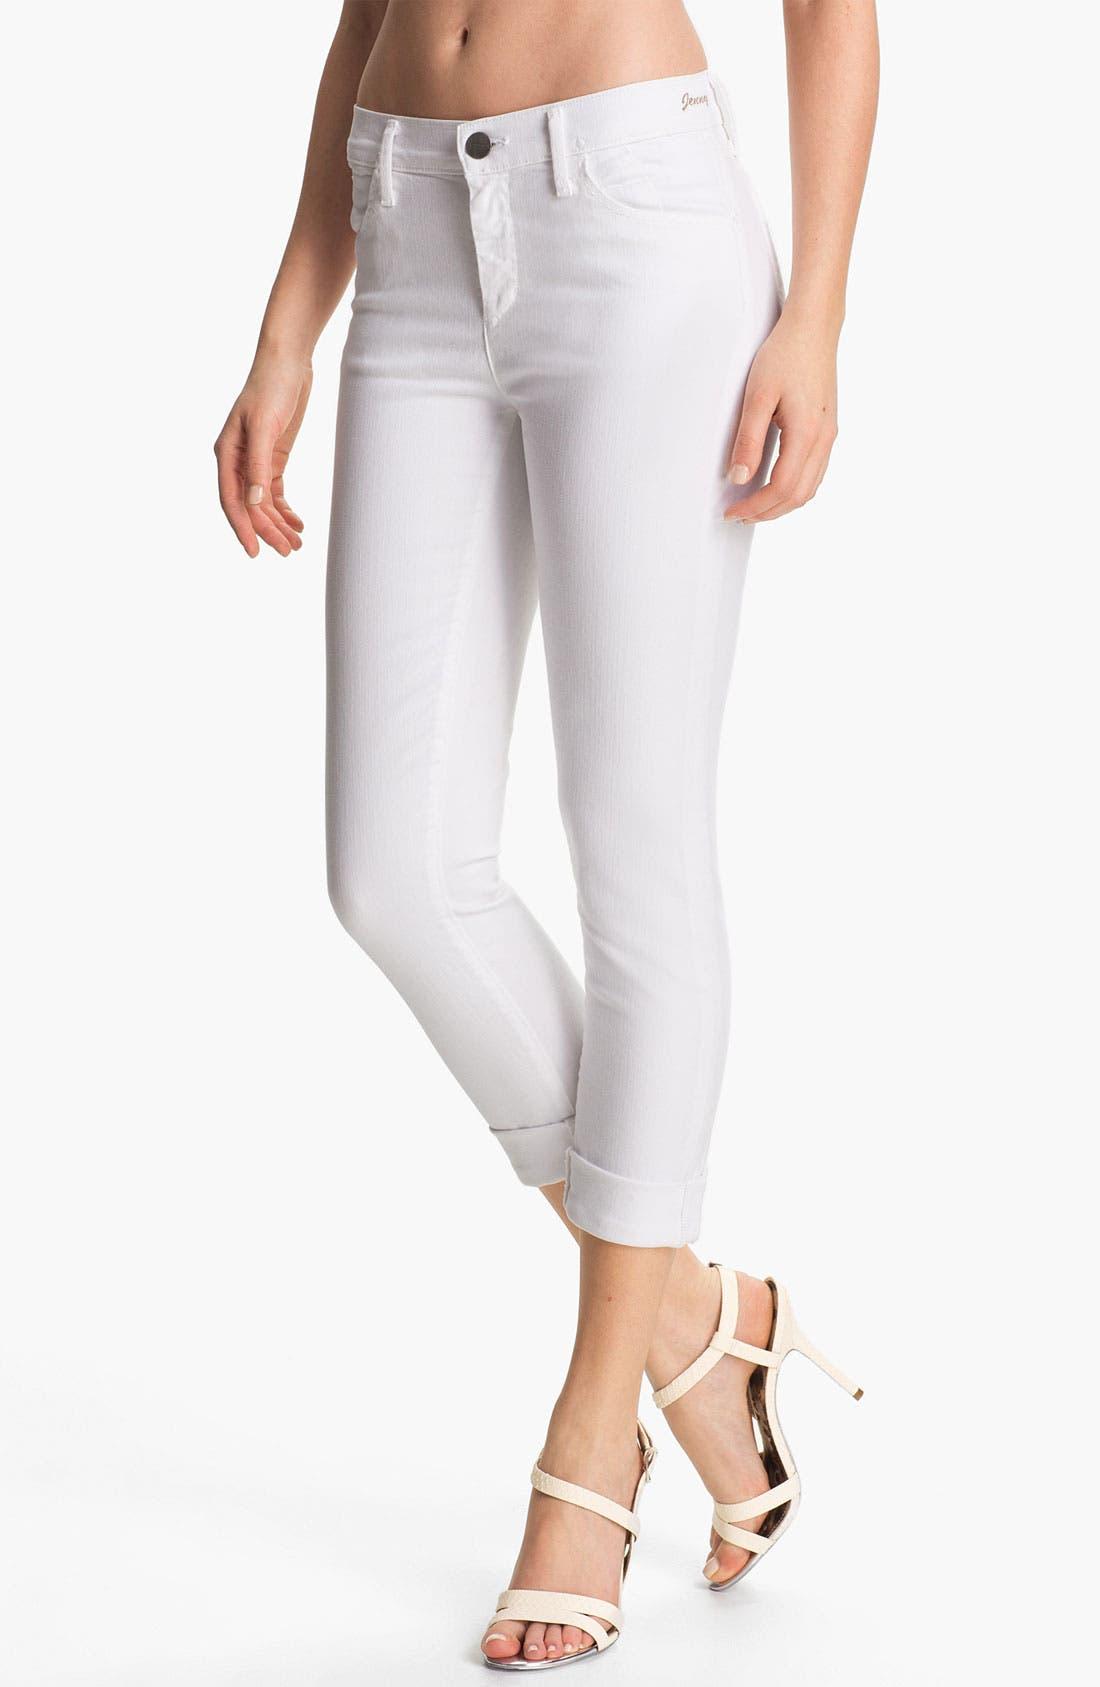 Alternate Image 1 Selected - Goldsign 'Jenny' High Waist Crop Skinny Jeans (Divine)